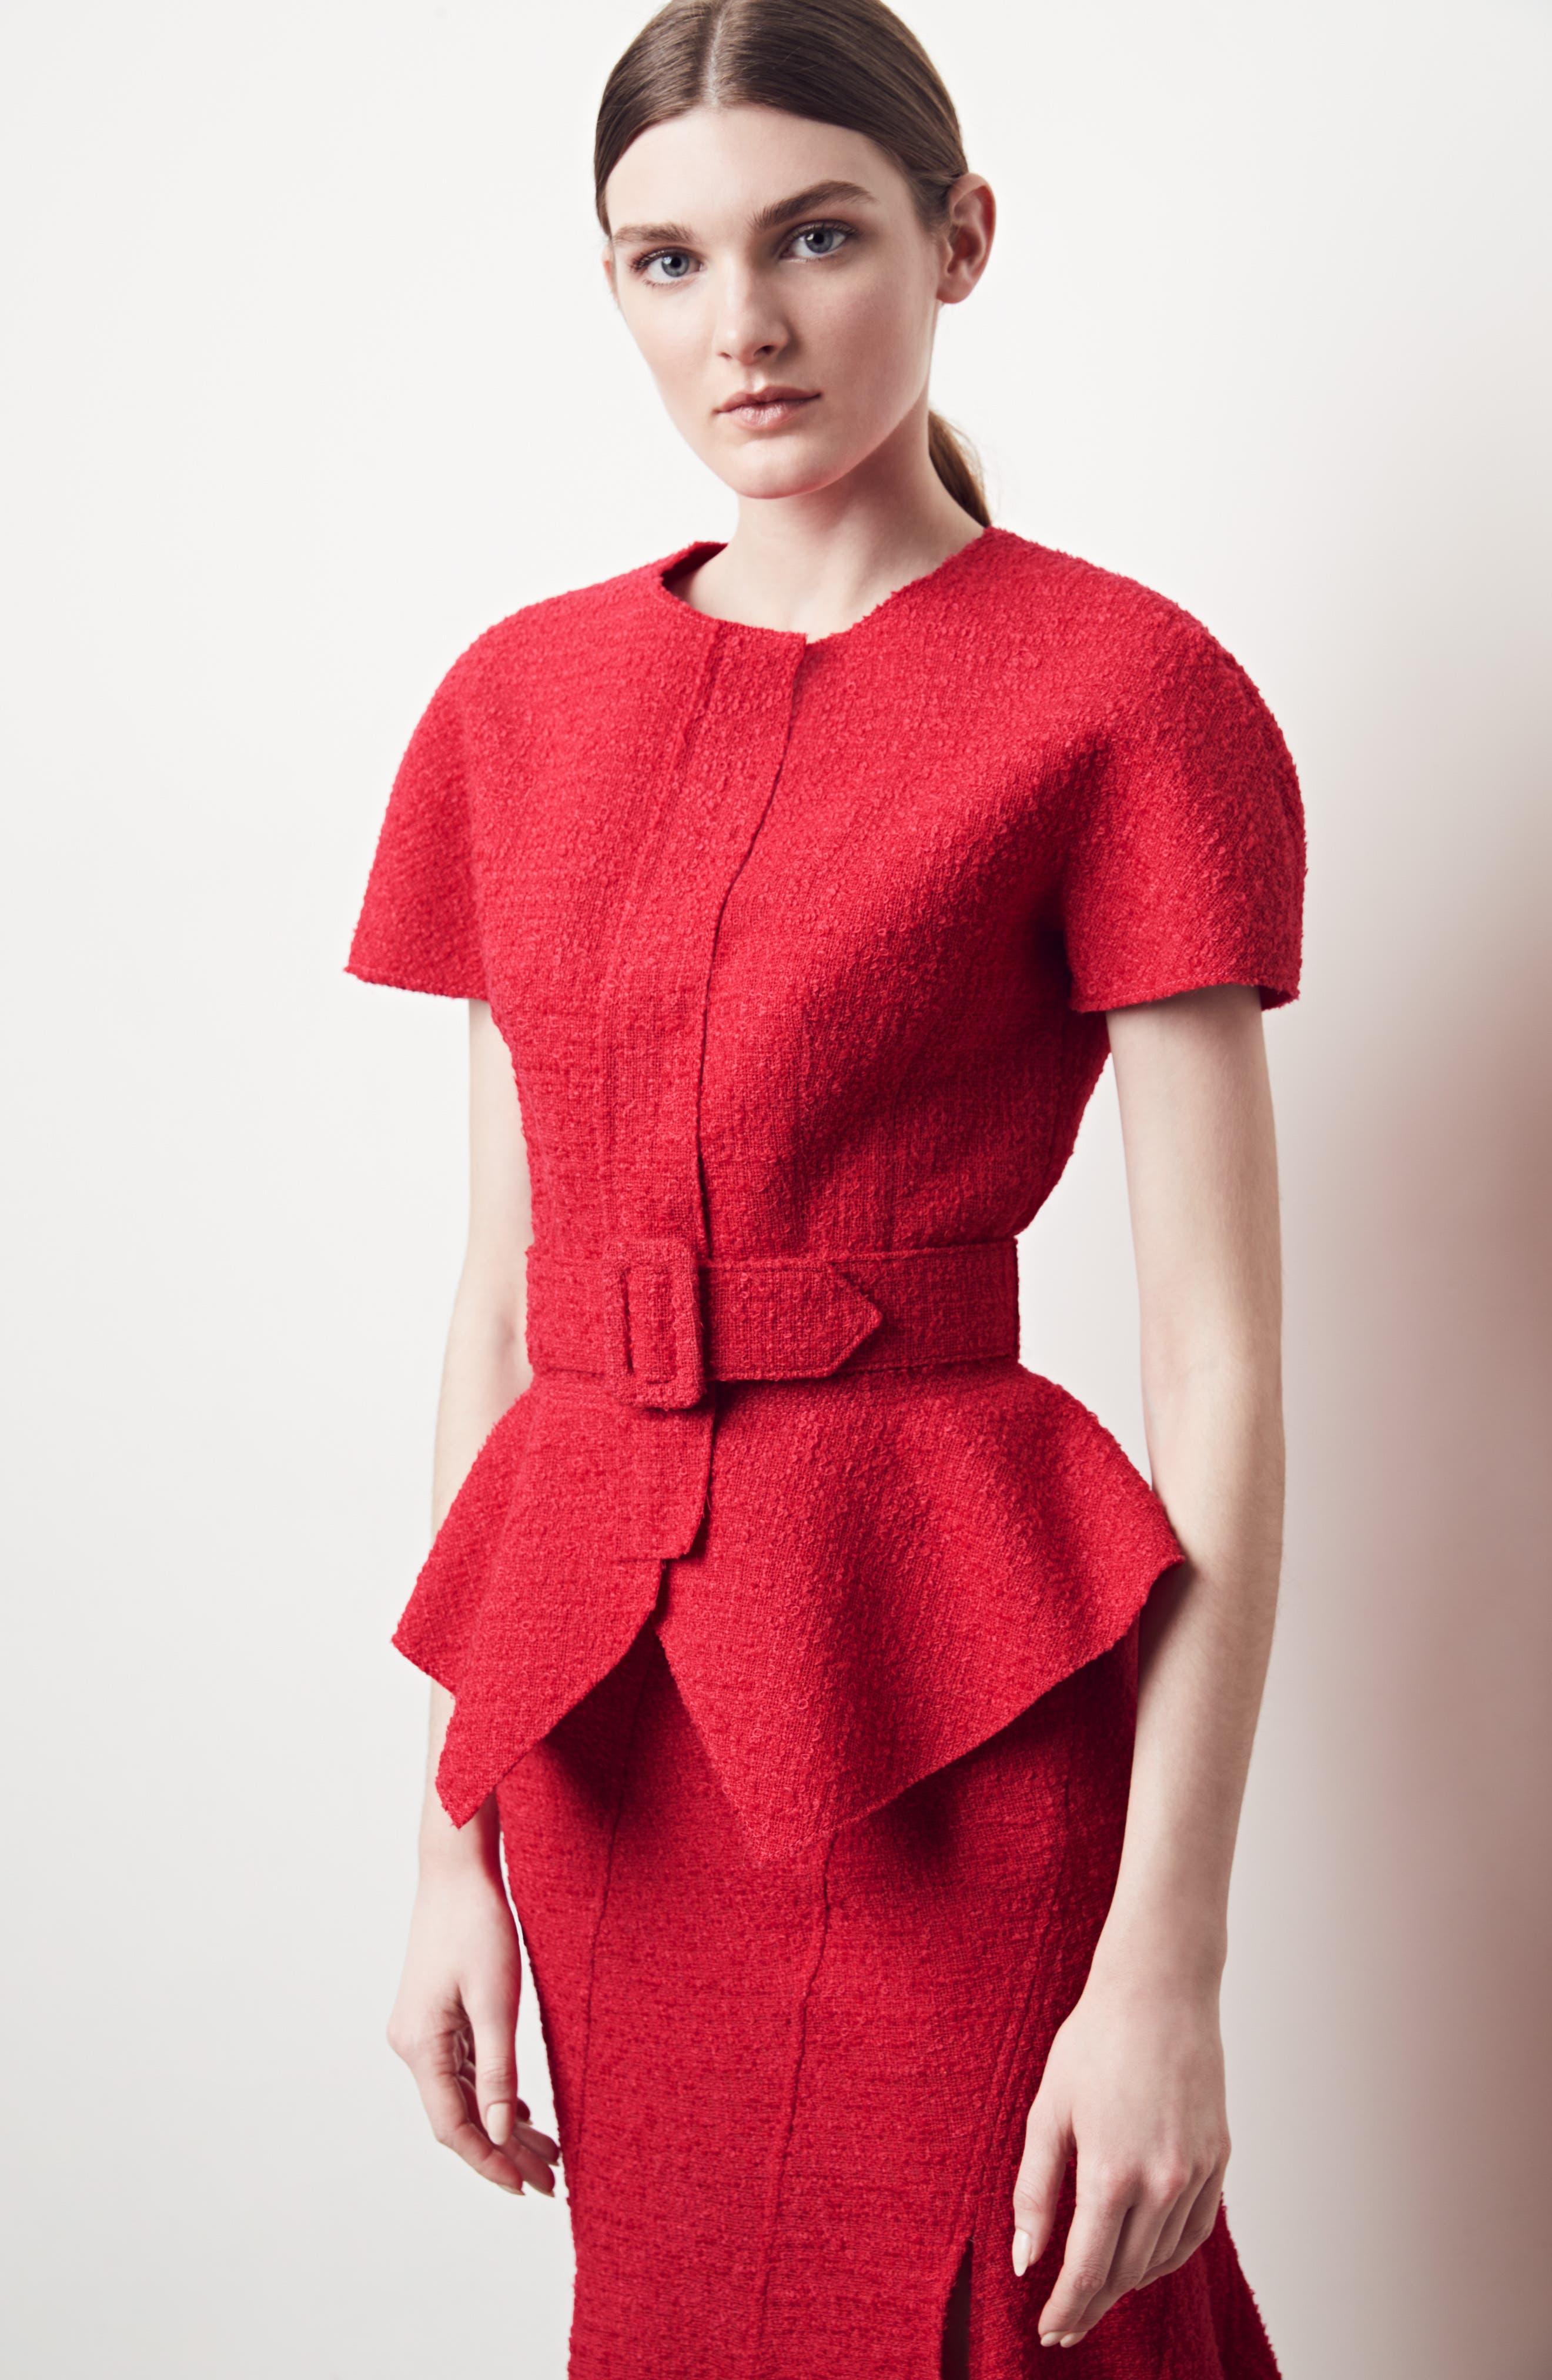 Belted Peplum Wool Blend Tweed Jacket,                             Alternate thumbnail 8, color,                             607